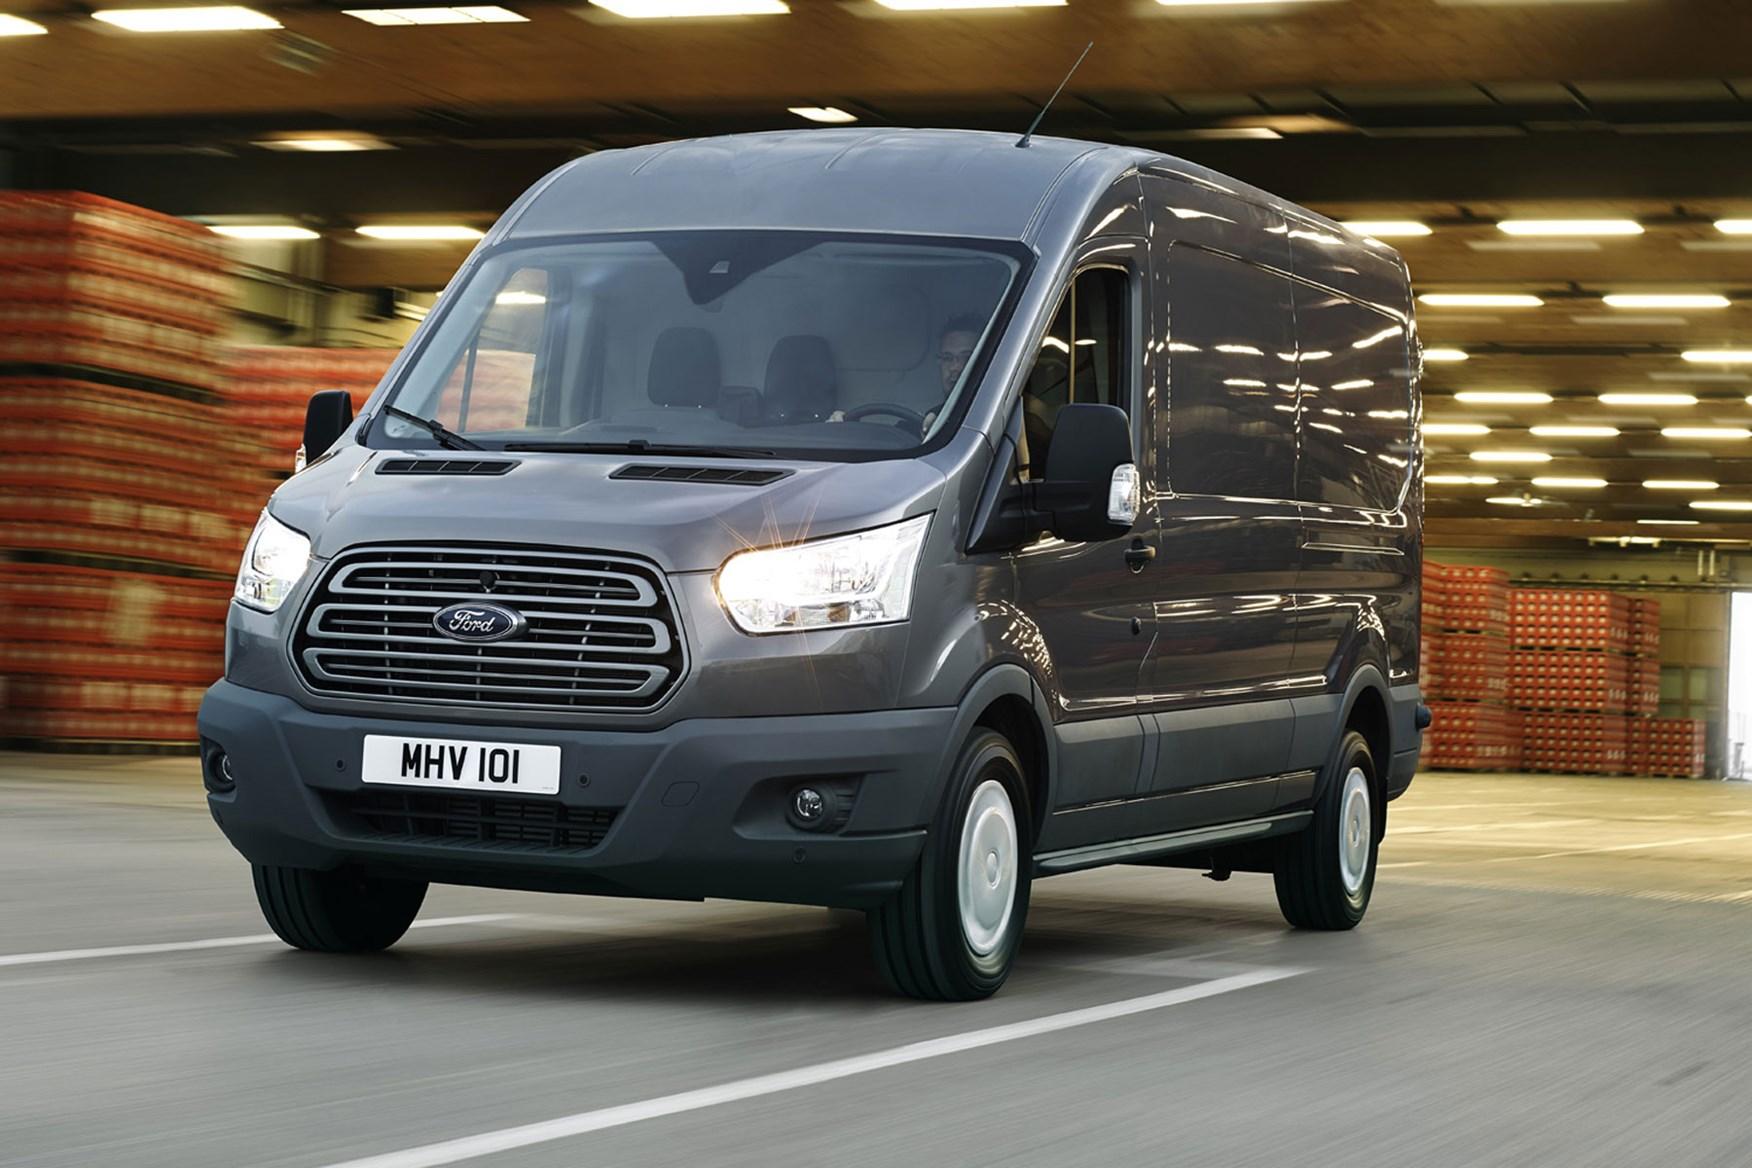 Ford Transit Best Large 3 5t Vans For Mpg